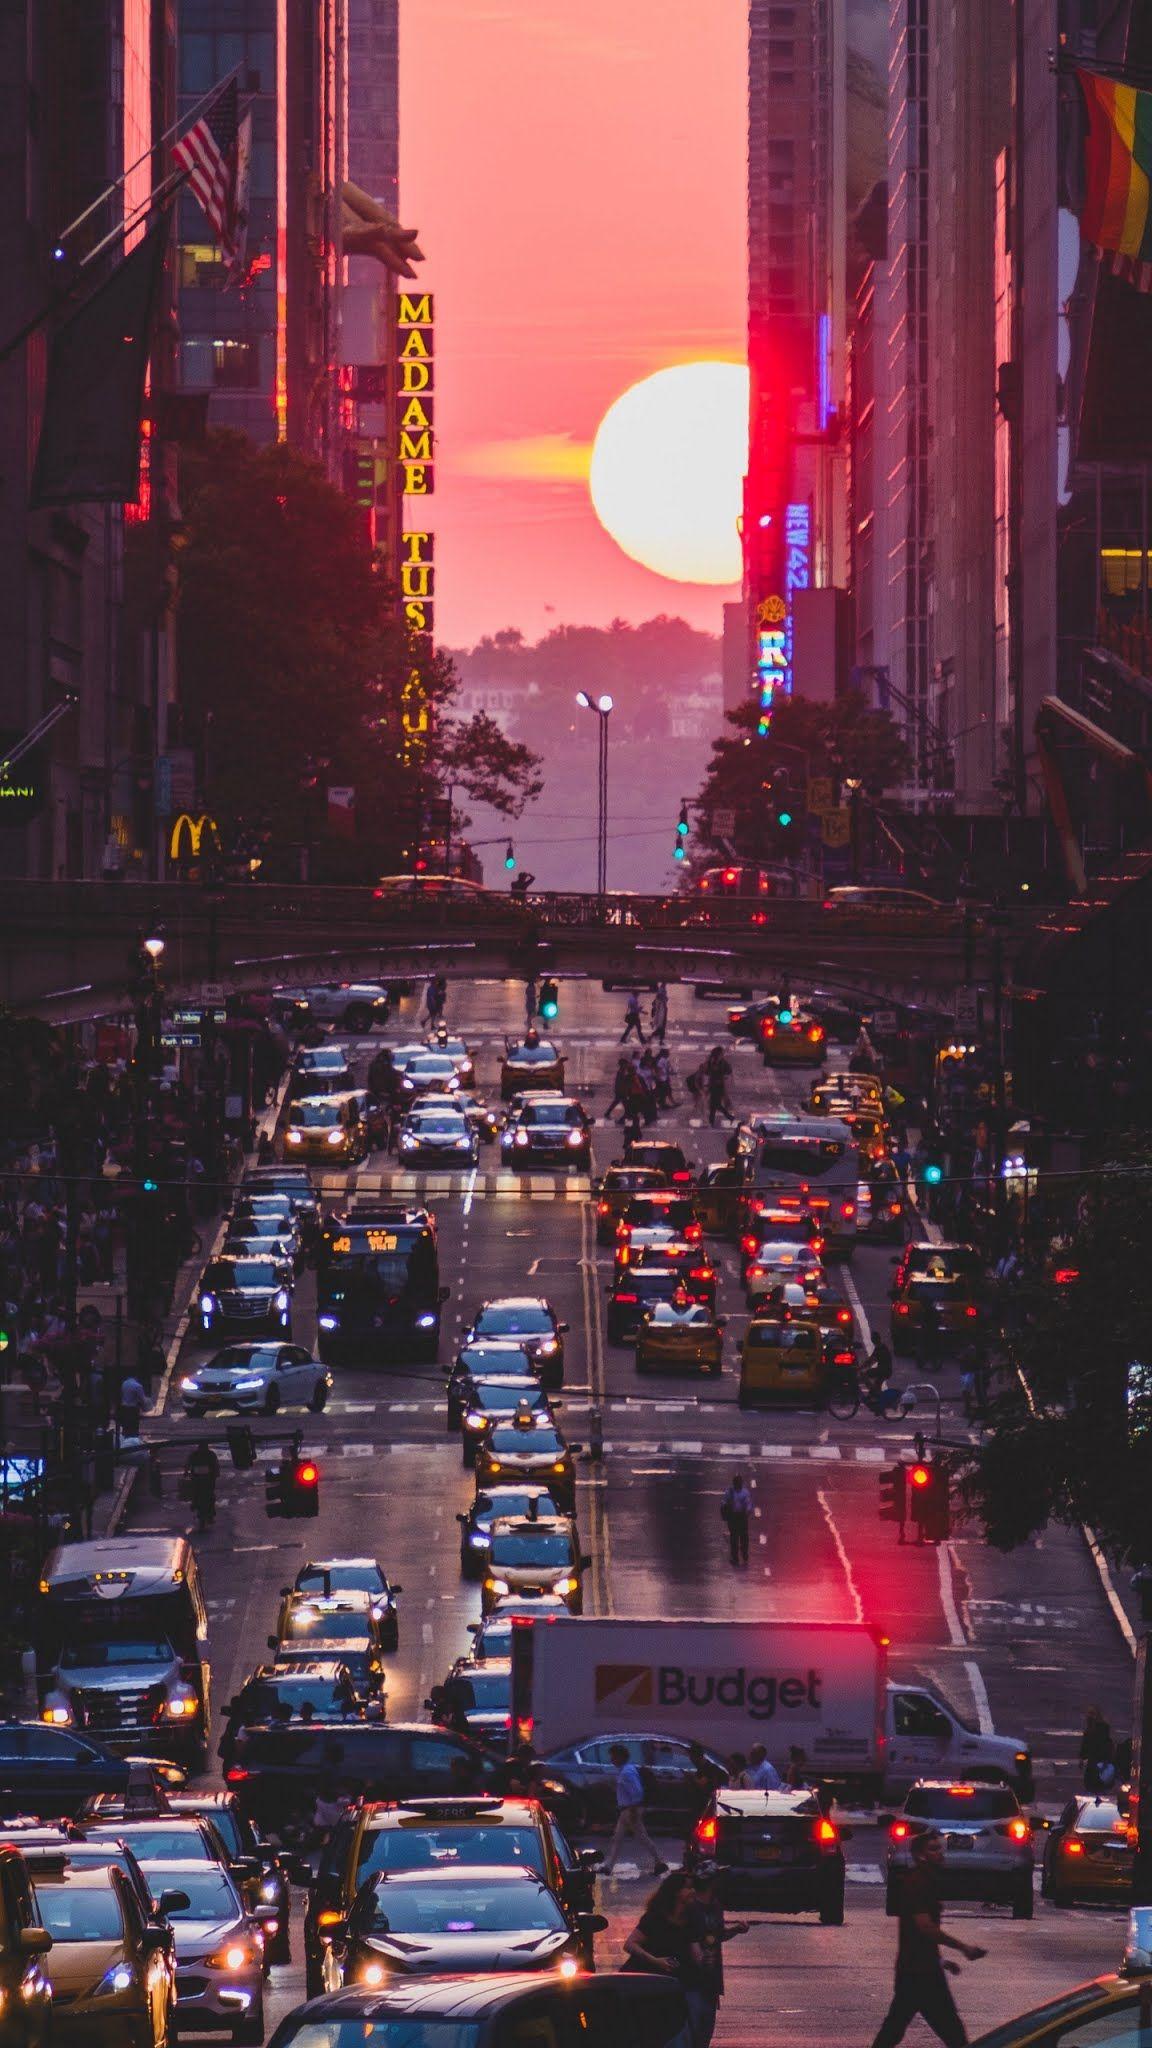 New York City Street Sunset Mobile Wallpaper Sunset City City Wallpaper Sunset Wallpaper